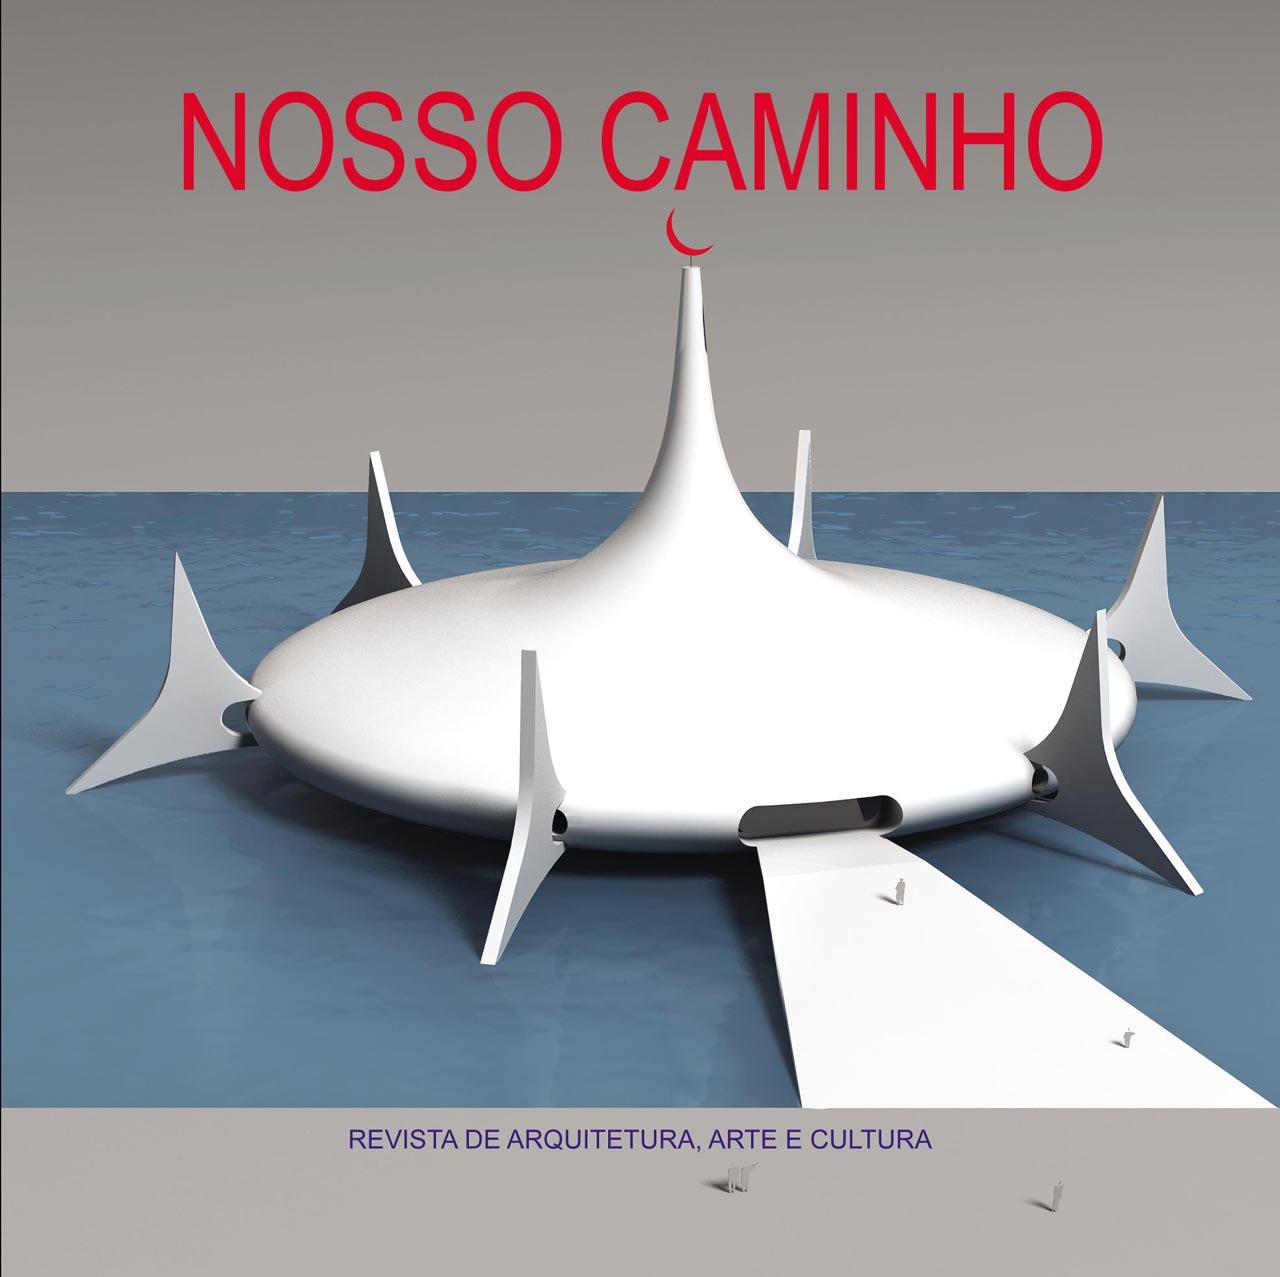 Oscar Niemeyer festeja seus 104 anos com número especial da sua revista Nosso Caminho ,  Capa da Revista que será lançada hoje